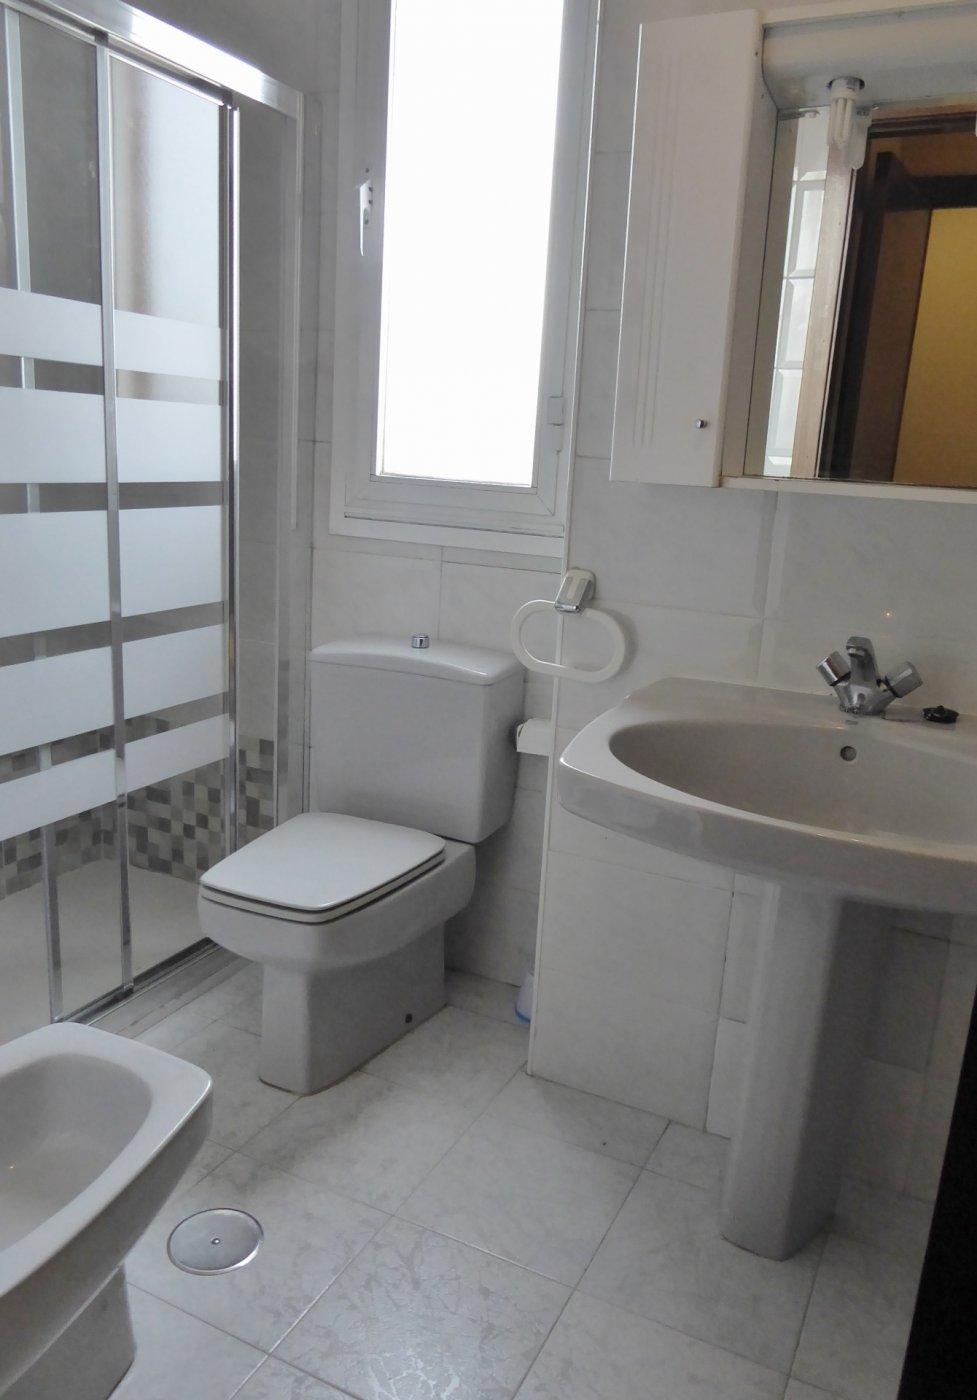 Alquiler de piso en gijon - imagenInmueble22